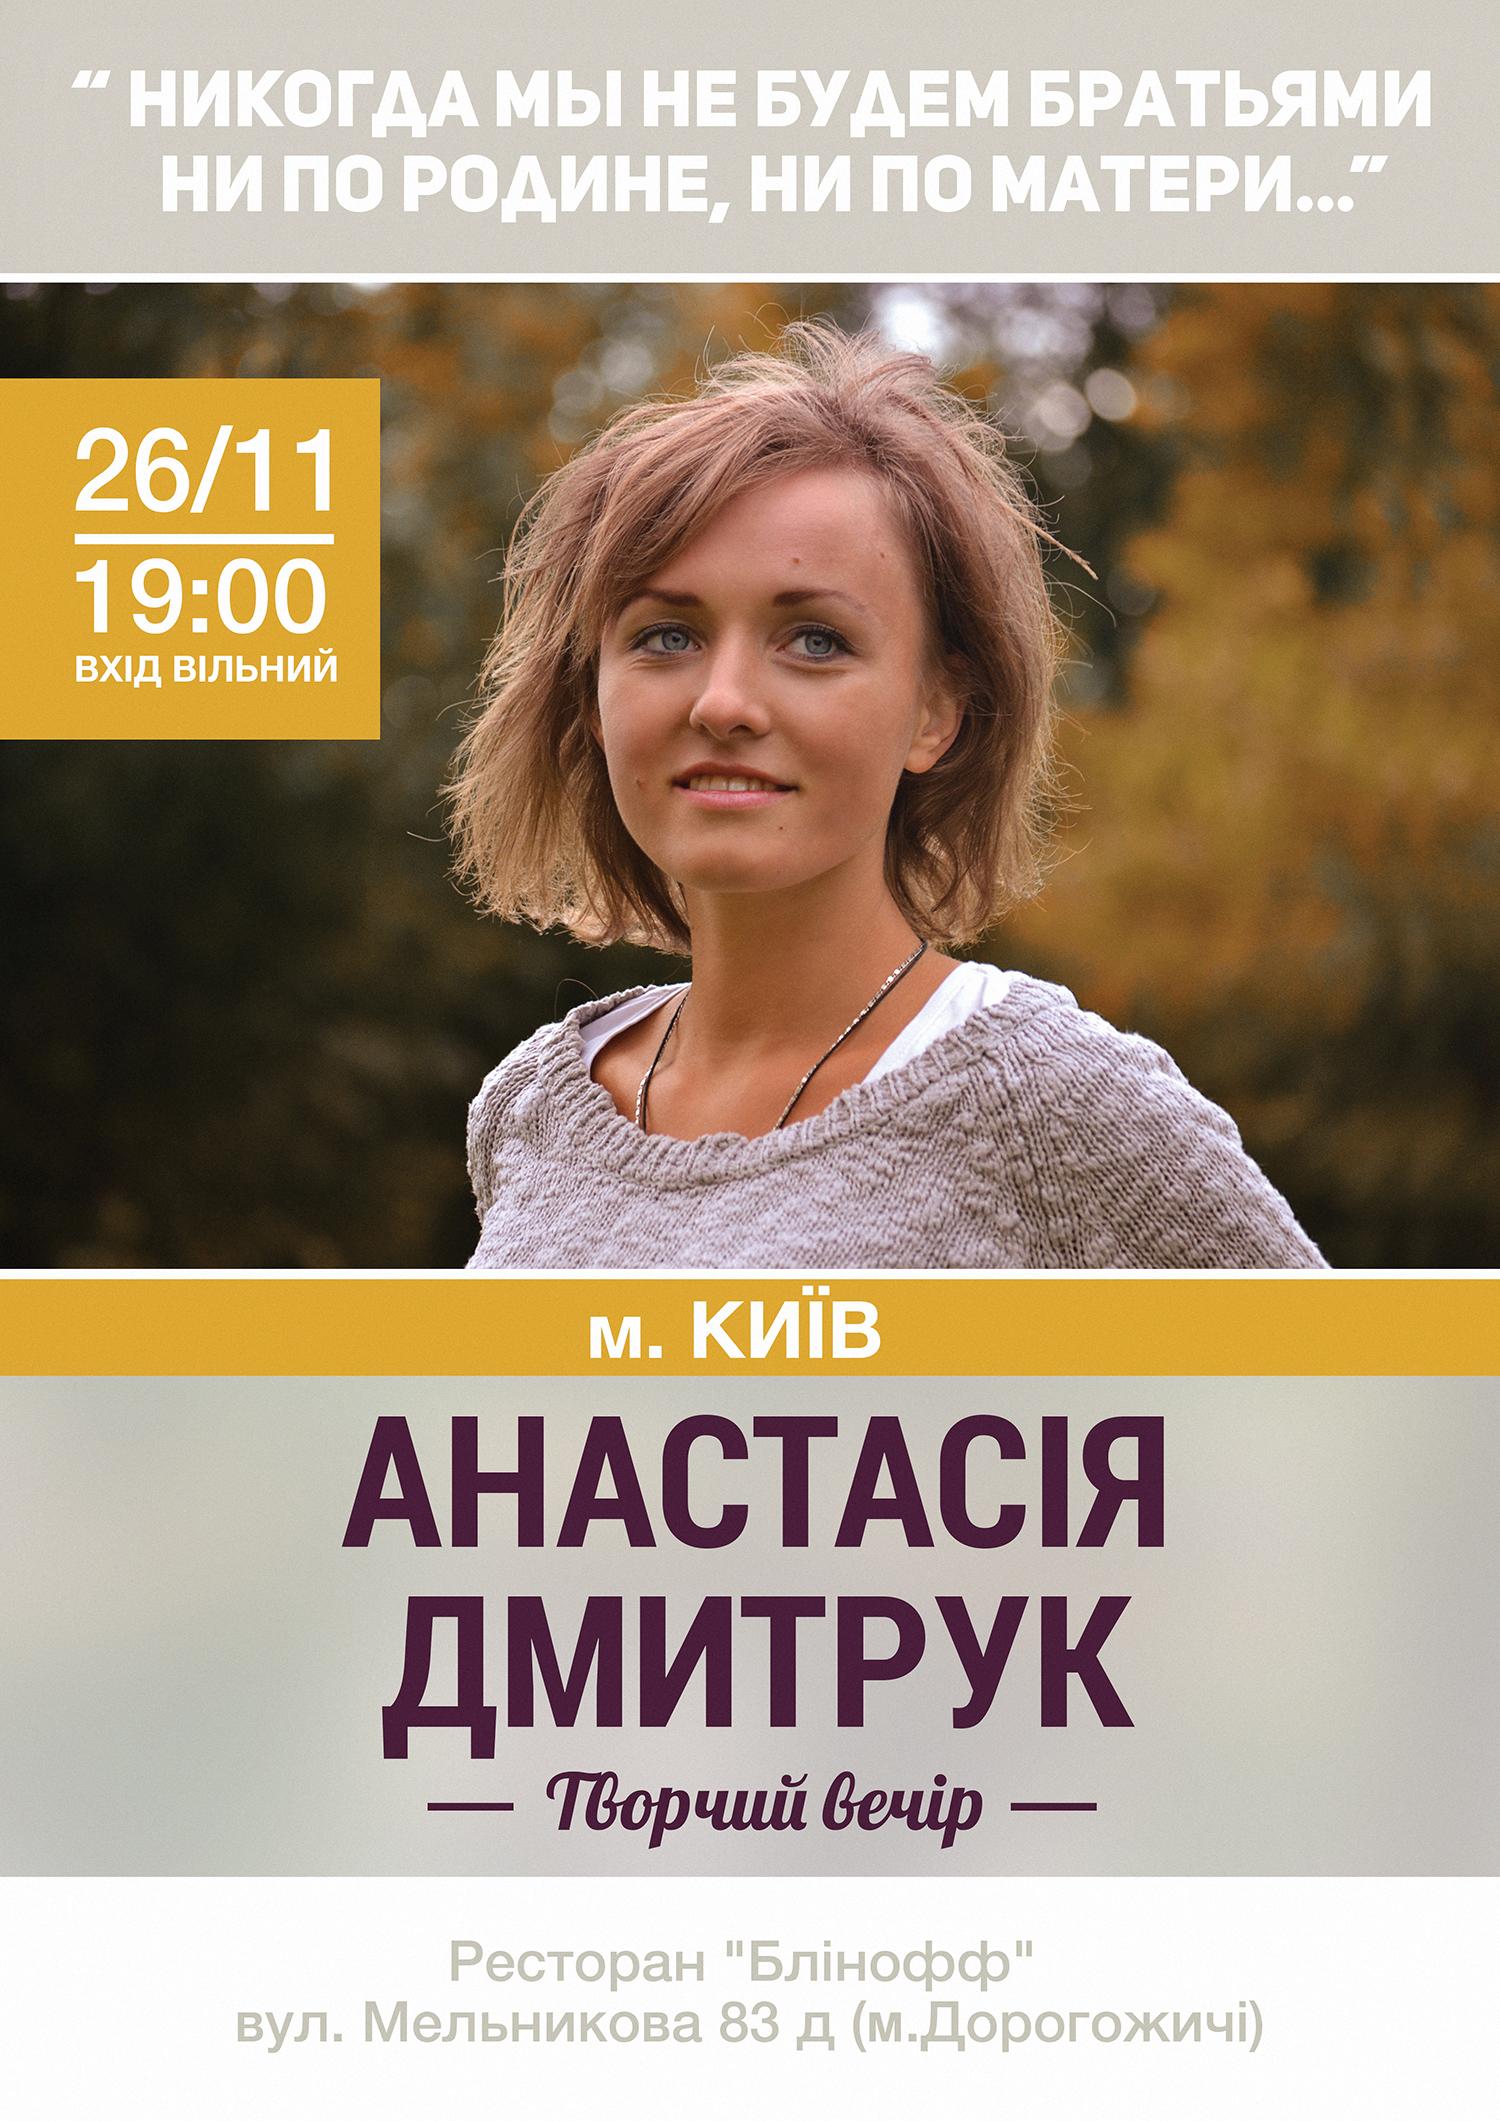 Настя_афиша_Киев 26.11